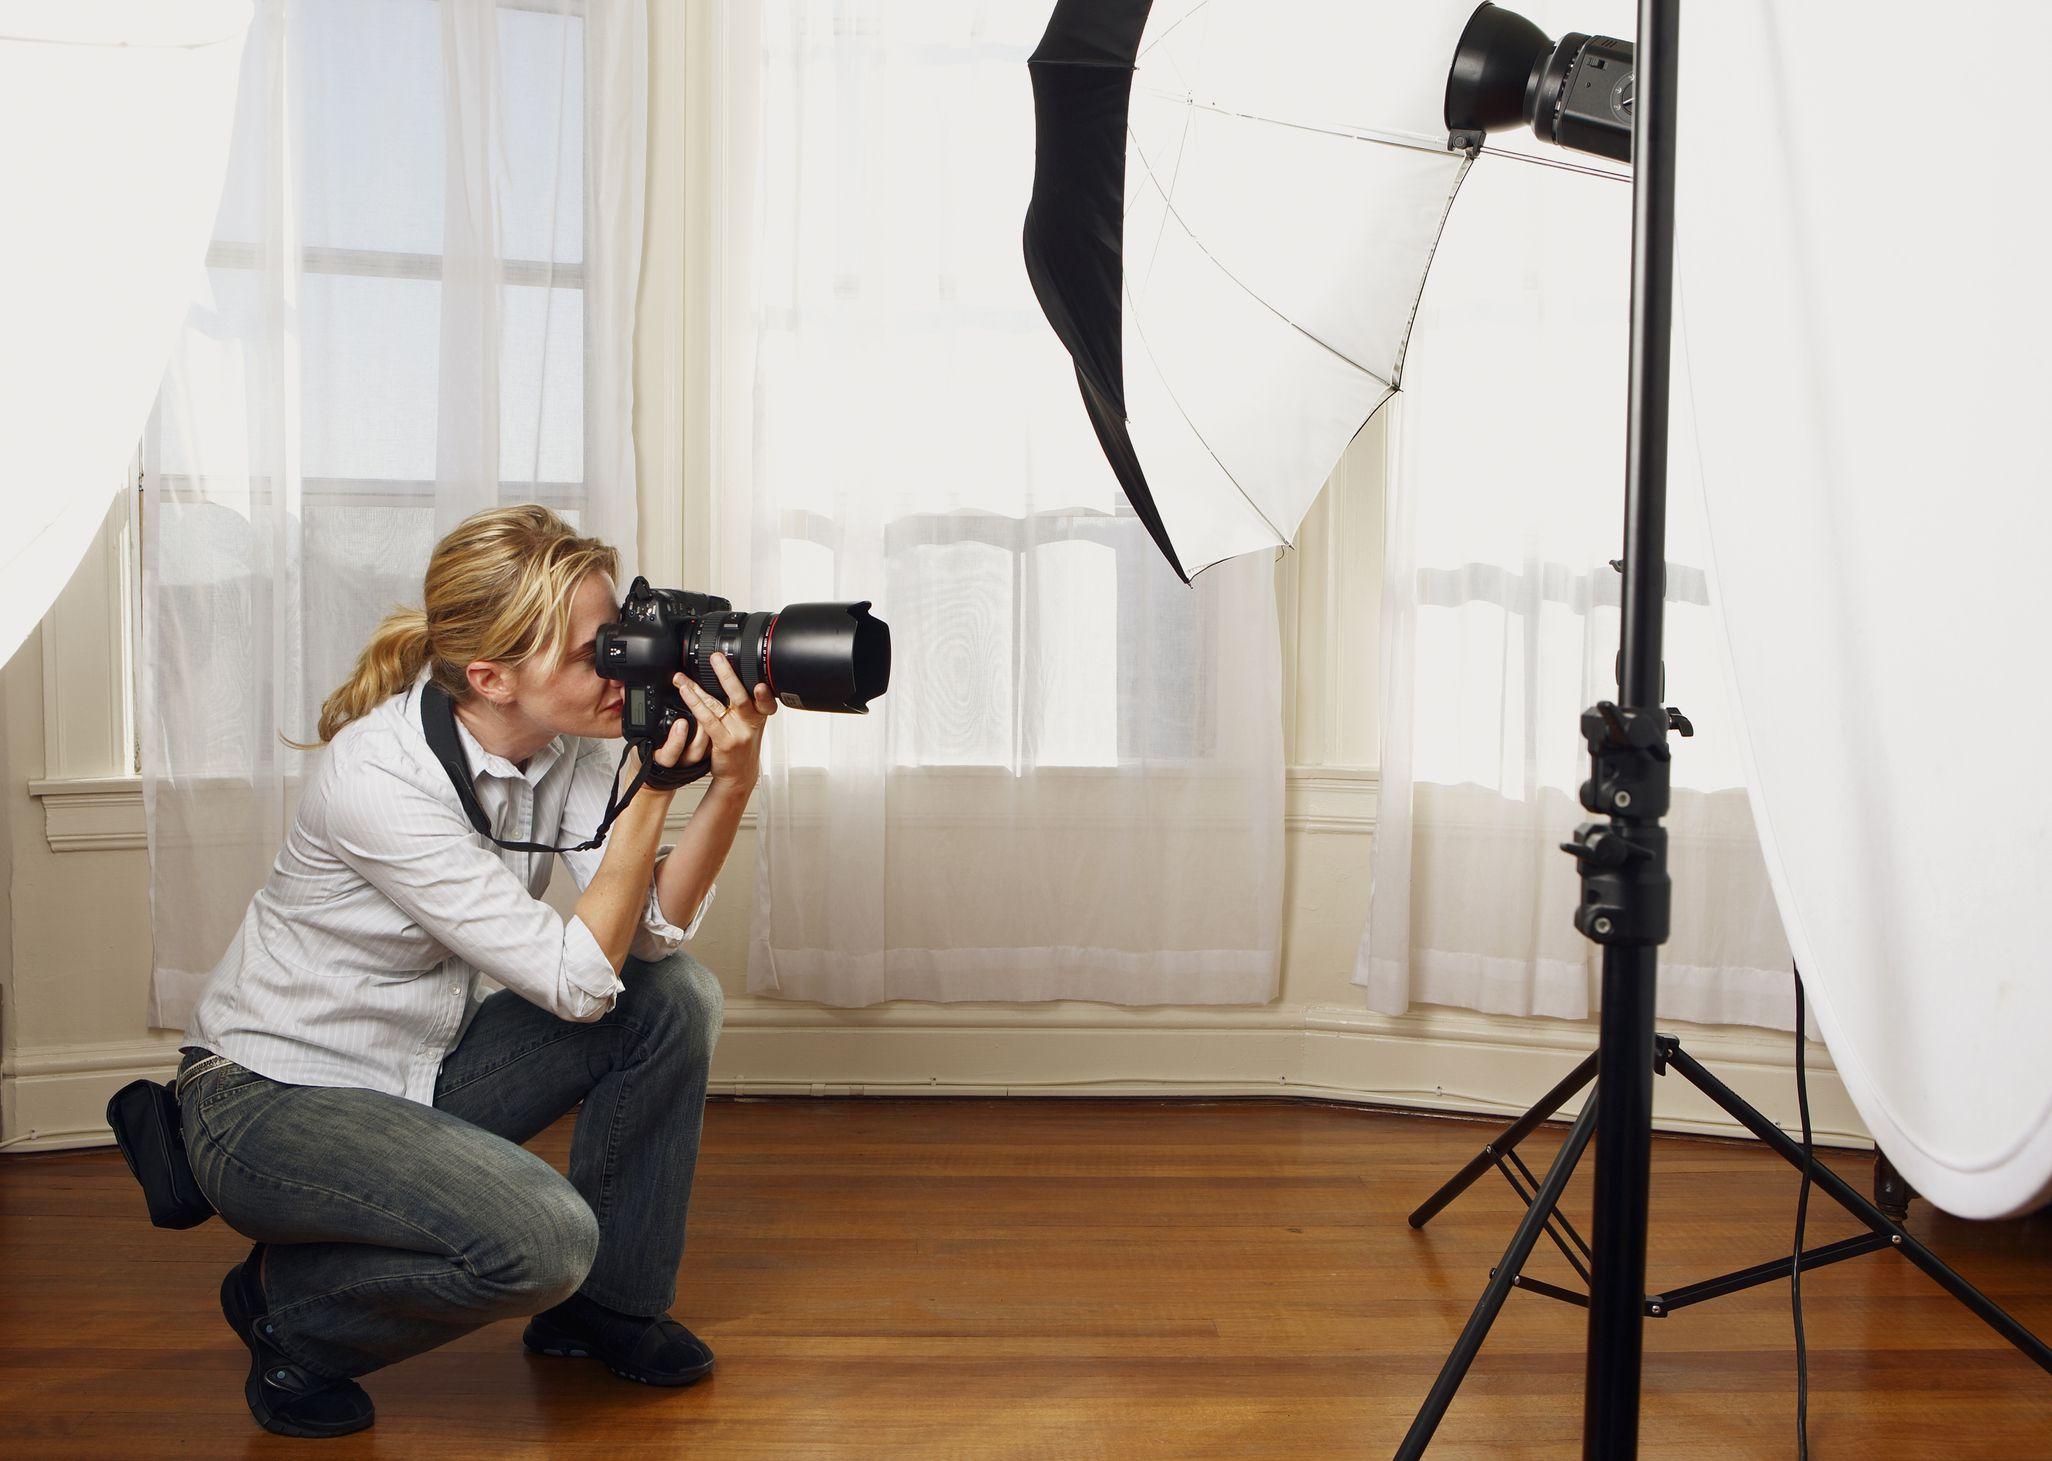 копирайтер-неймер найти клиентов на фотосъемку высмеивают популярные